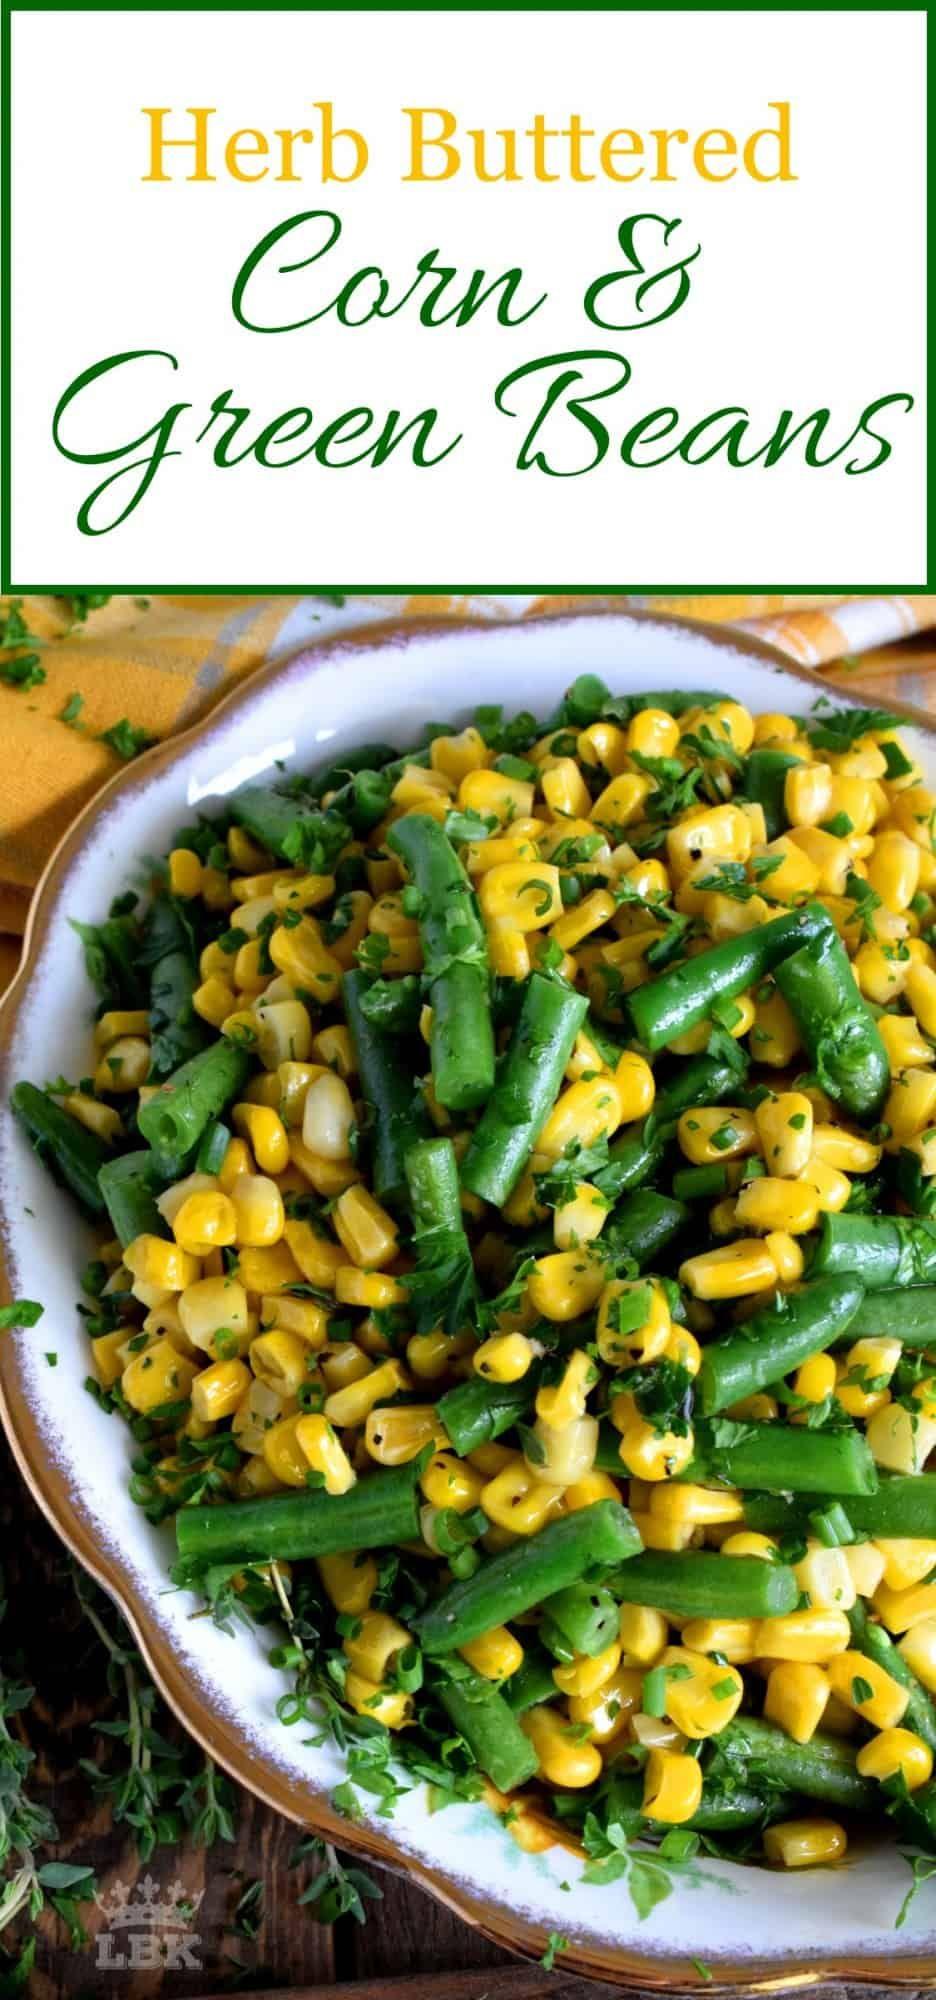 Herb Buttered Corn and Green Beans #greenbean